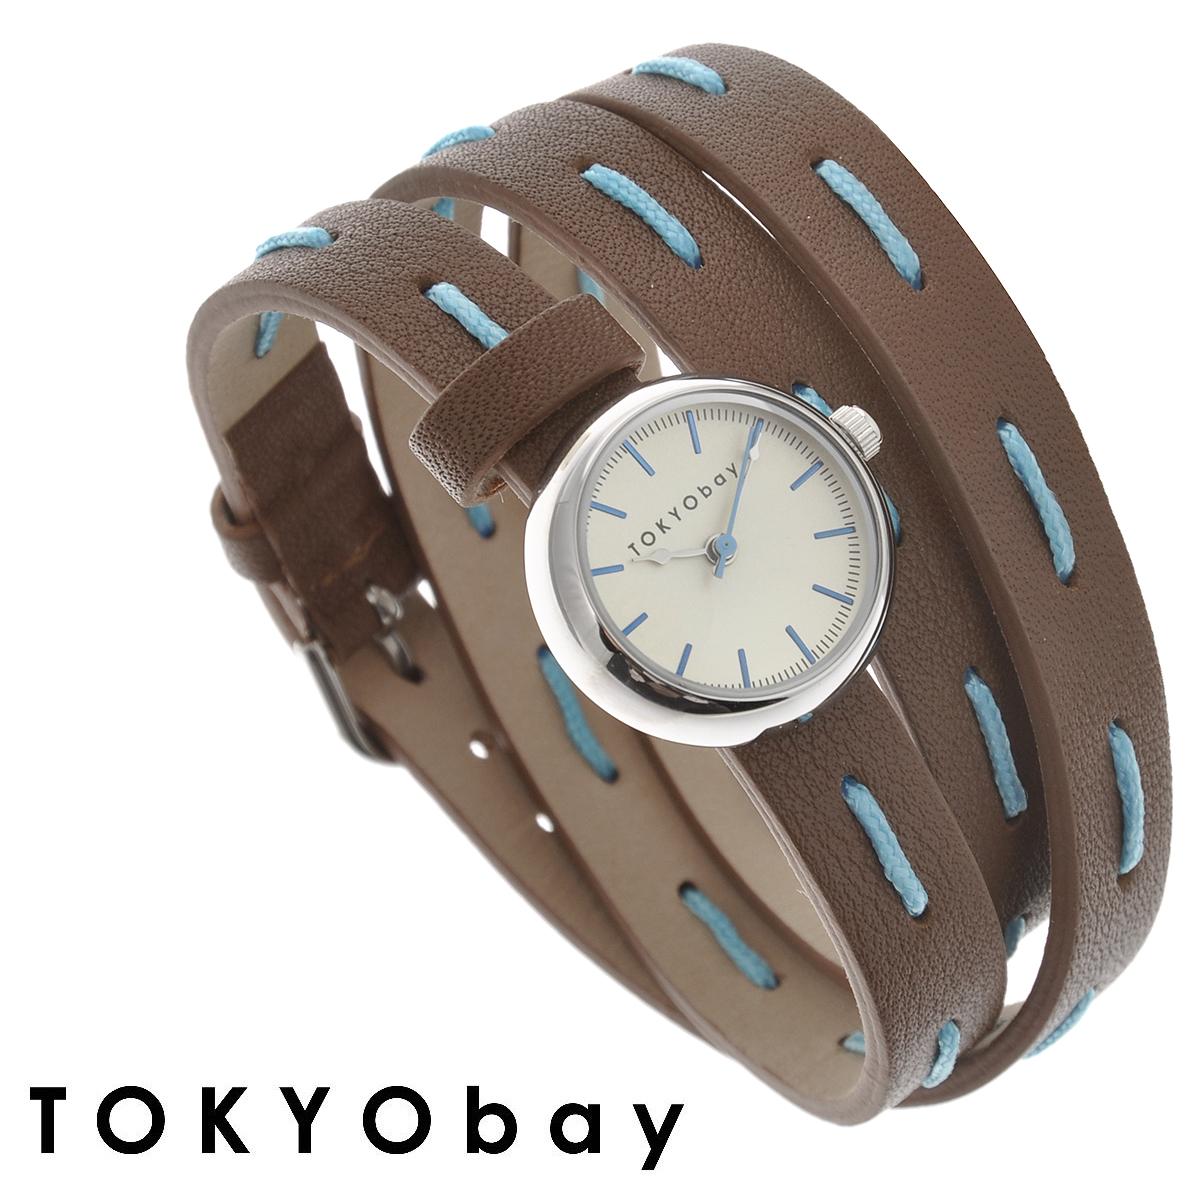 ���� ������� �������� Tokyobay Frida, ����: ����������. T7322-BR - TOKYObayT7322-BR�������� ���� Tokyobay Frida - ��� �������� ���������� � ������ ������������� ������. ��� ���� ������� ��� ����������� �������, ������� �����, �������� � ������������. ���� �������� �������� ��������� ���������� Miyota. ������ ������� ����� �������� �� ������ ��������, �� ����������� ������. ������ ������ ����������� �� ����������� �����. ��������� �������� �������������� ���������, ����� ��� ������� - �������, �������� � ���������. ��������� ������� ������������ ���������� ���������. ����� �������, ����������� �� ����������� ����, ����������� �������� � ��� ������� � ������������� �� ������������ ��������-������. ������� �������� ������������� ��������. ���� Tokyobay - ��� ���������� � ������ ���������, ������� ���������� ��� ����������� ����. ��������������: ������: 18 � 18 � 8 ��. ������ �������: 54 � 1,1 ��. �� �����������.